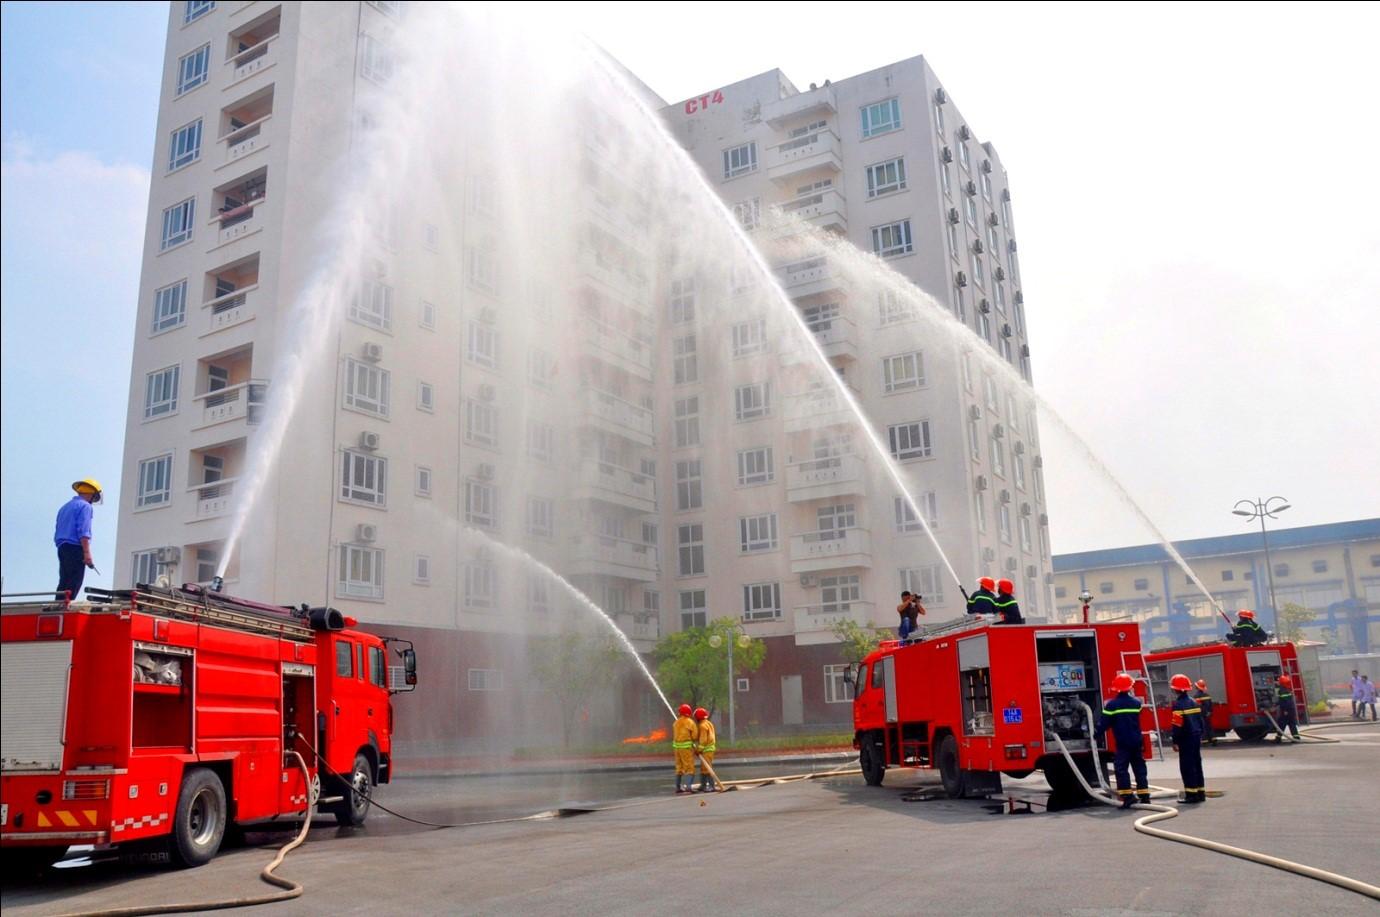 Công an Hà Nội phát hiện nhiều chung cư không đảm bảo về PCCC